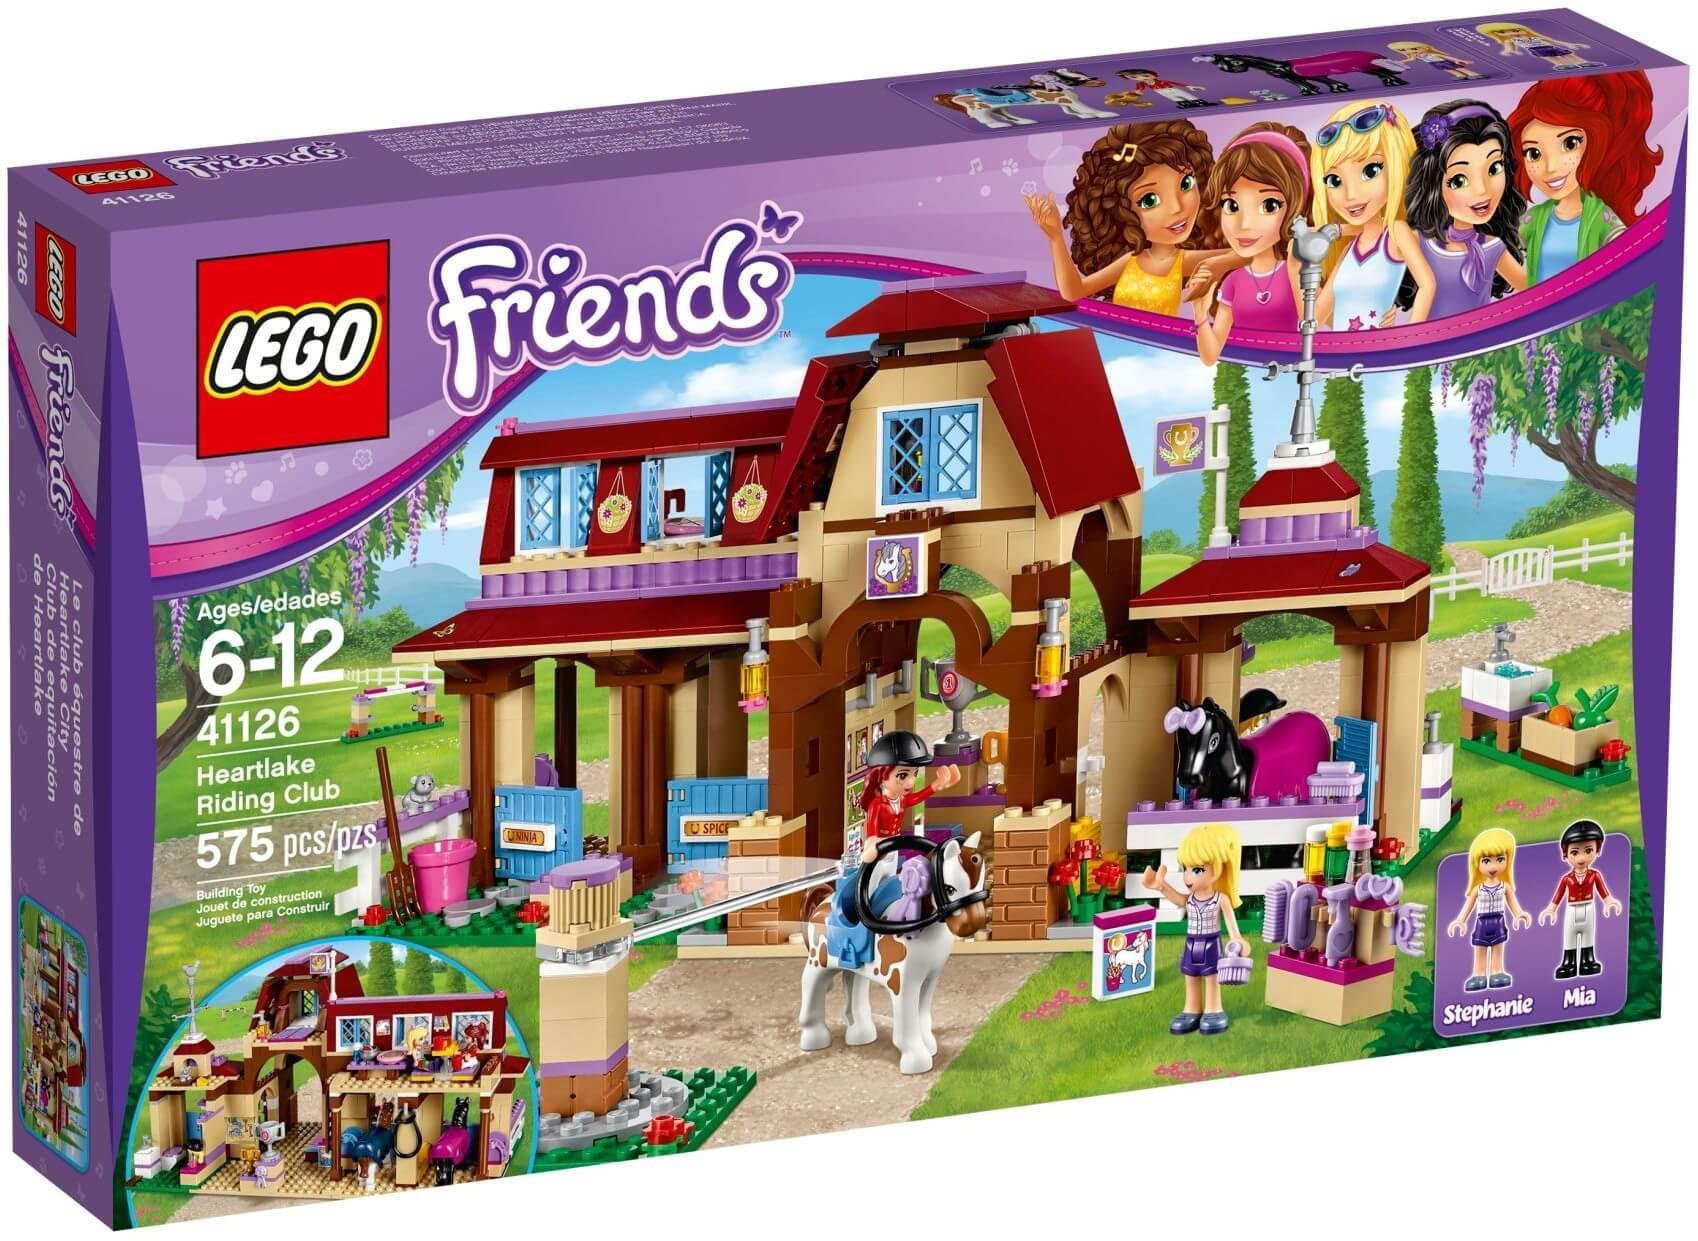 Mô hình Lego Friends 41126 – Câu lạc bộ cưỡi ngựa